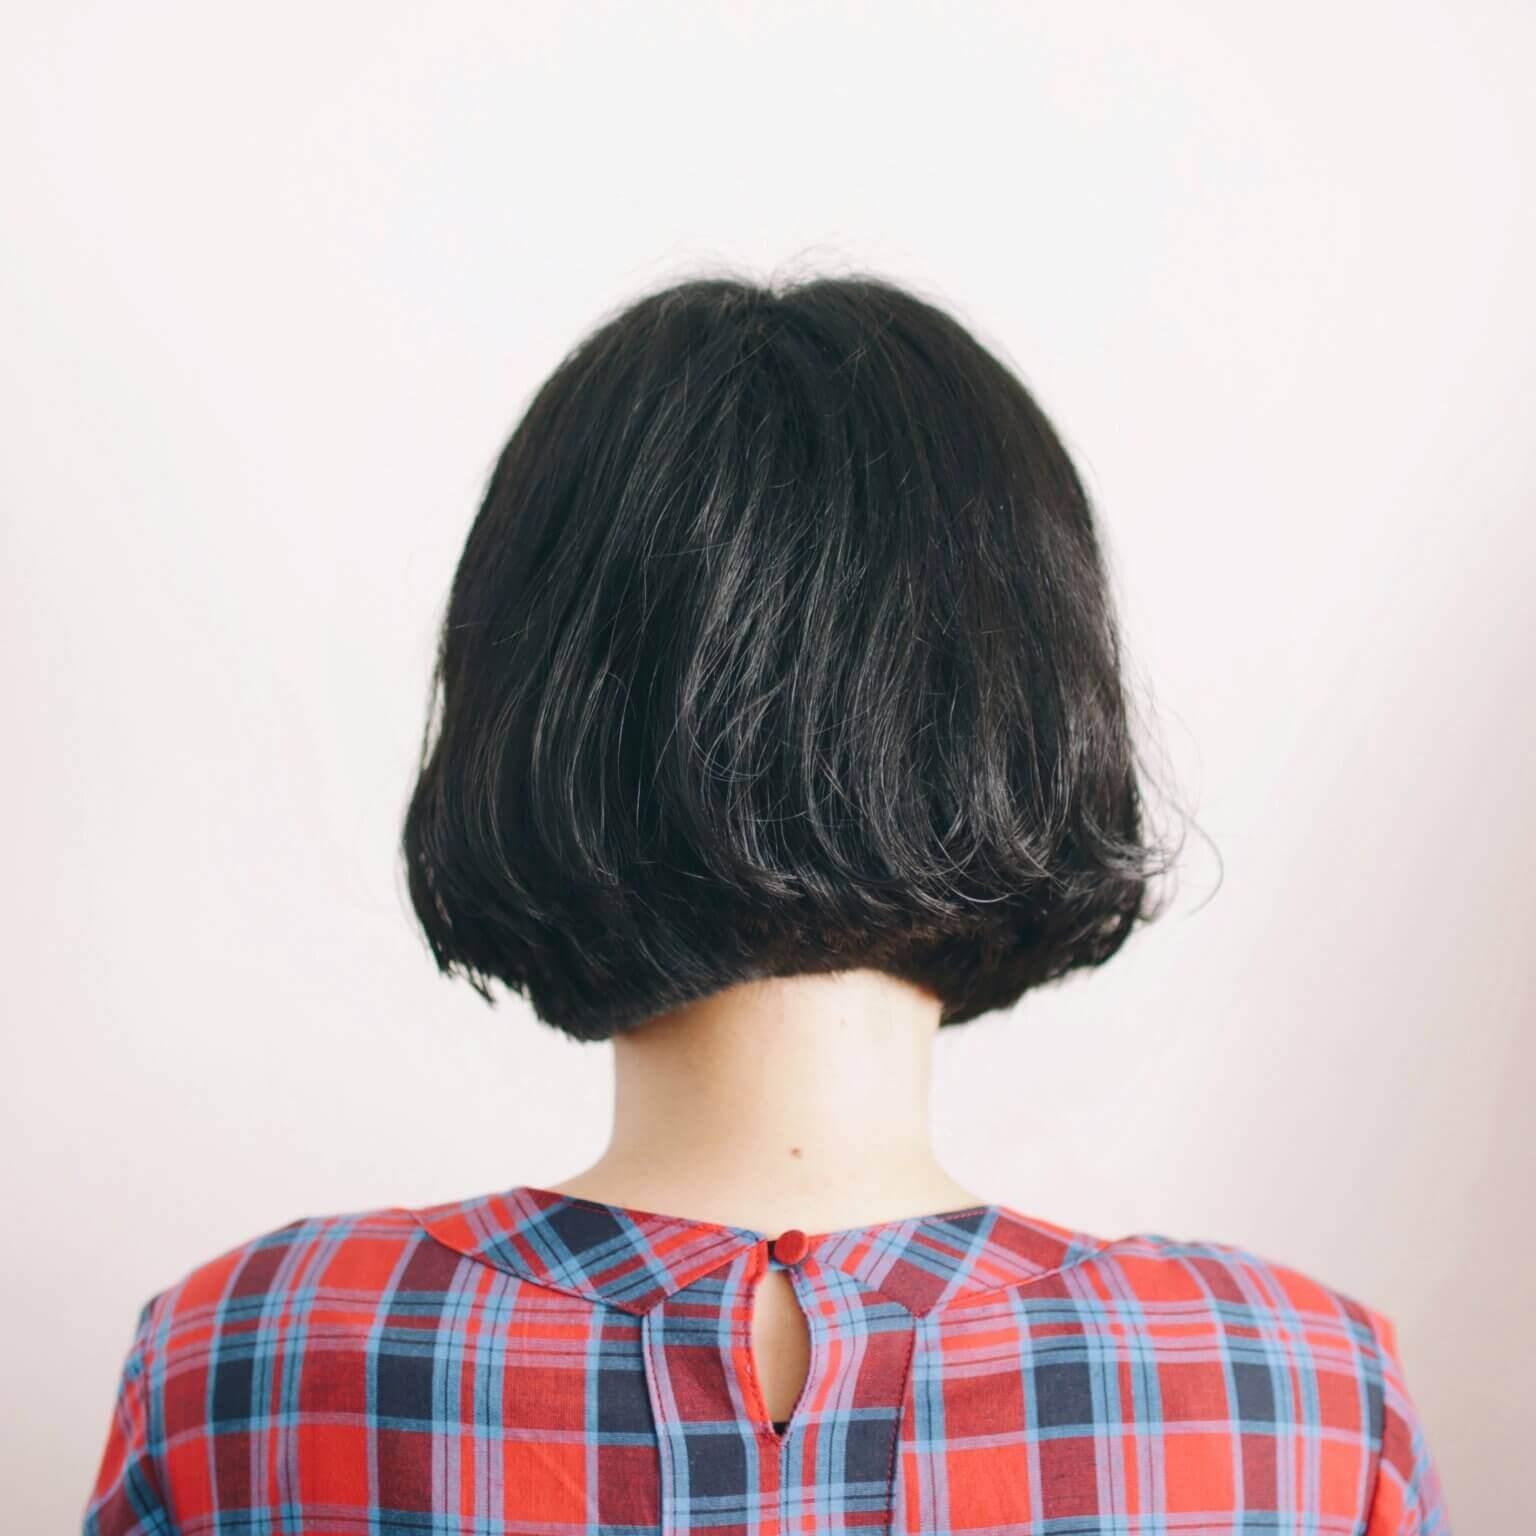 【大人の真夏ヘア3人分!】ショート〜ボブの「リアルカット例」拝見!【40代・30代の髪型】